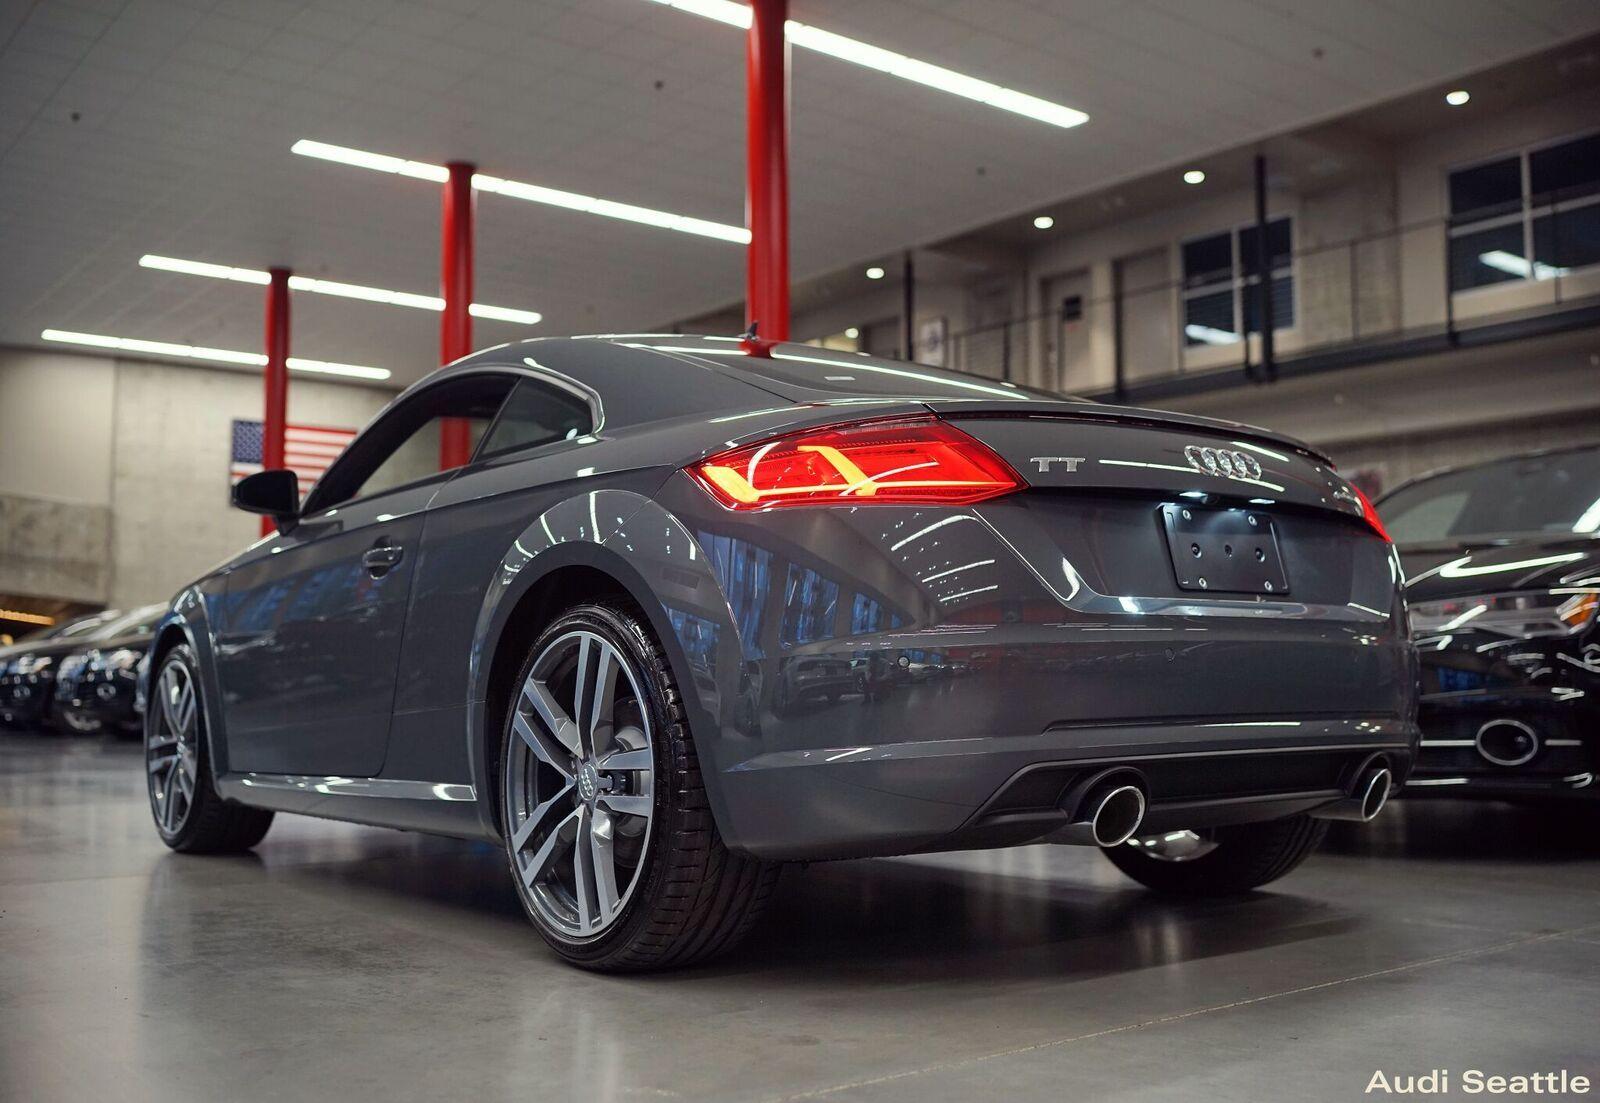 2016 TT | Coupe | Nano Gray | Lowered | Audi Seattle | U District | Seattle, WA | AudiSeattle.com